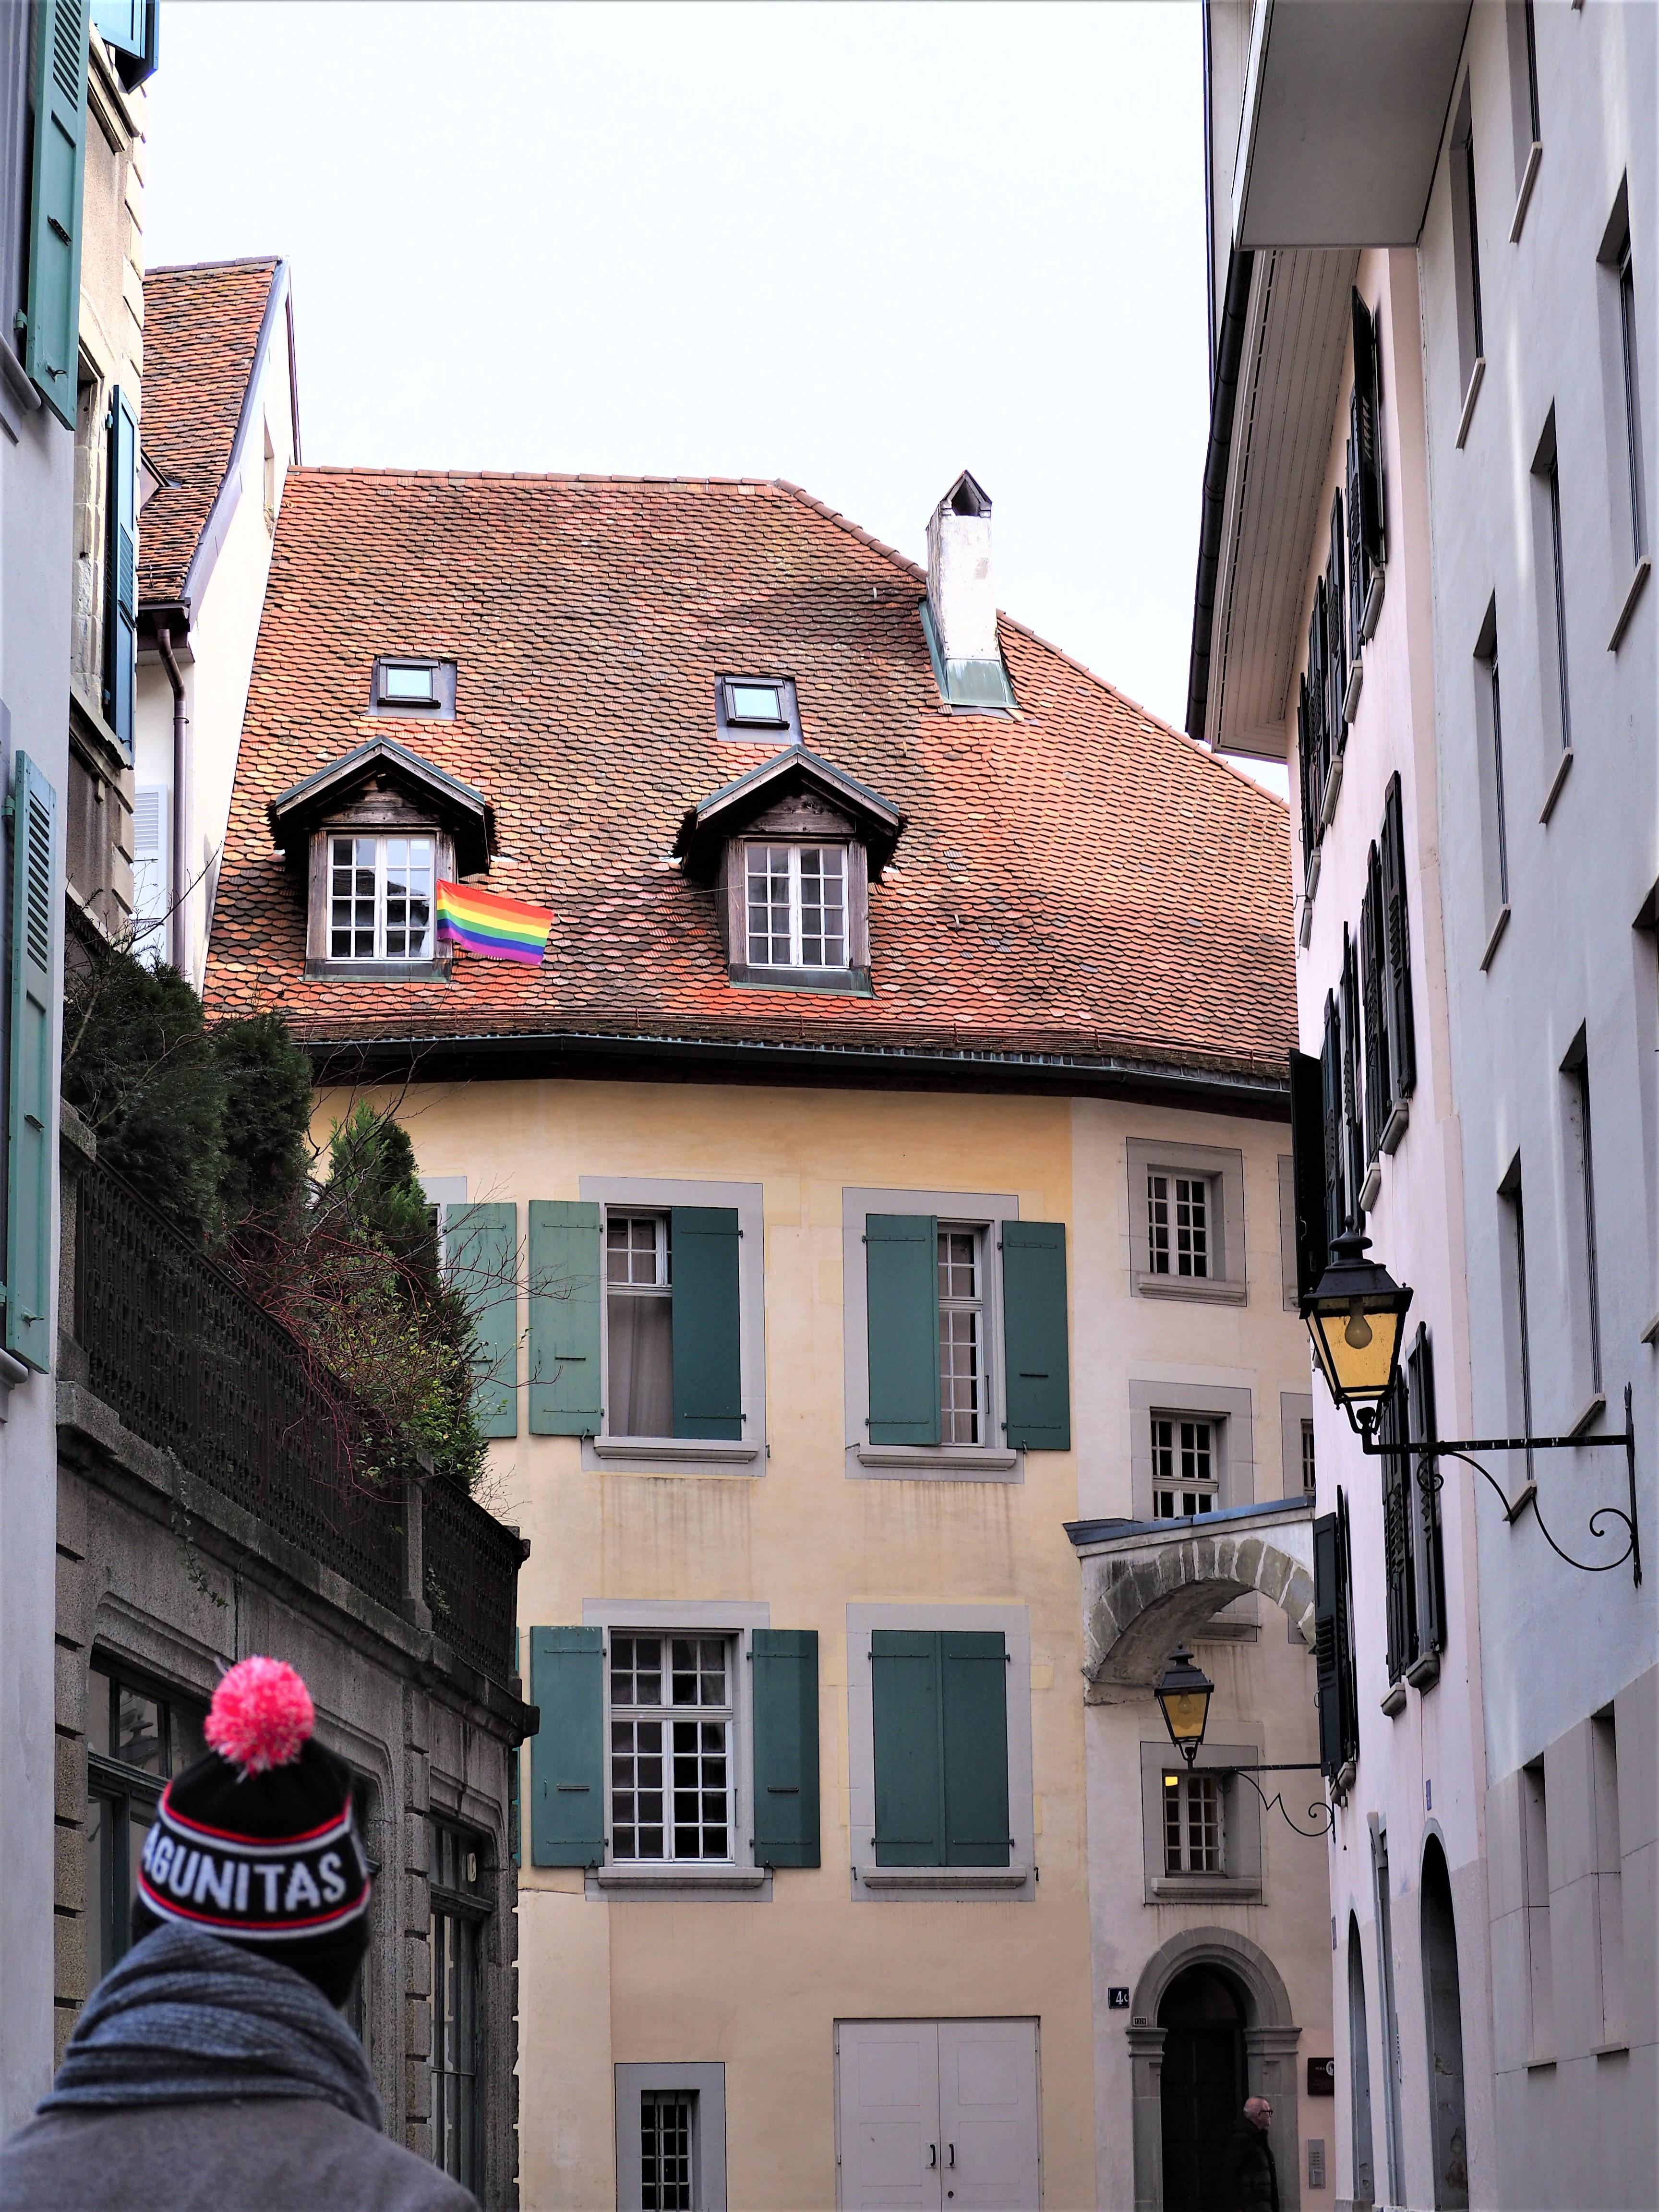 visite-de-la-vieille-ville-clioandco-blog-voyage-lausanne-suisse-canton-de-vaud.jpg